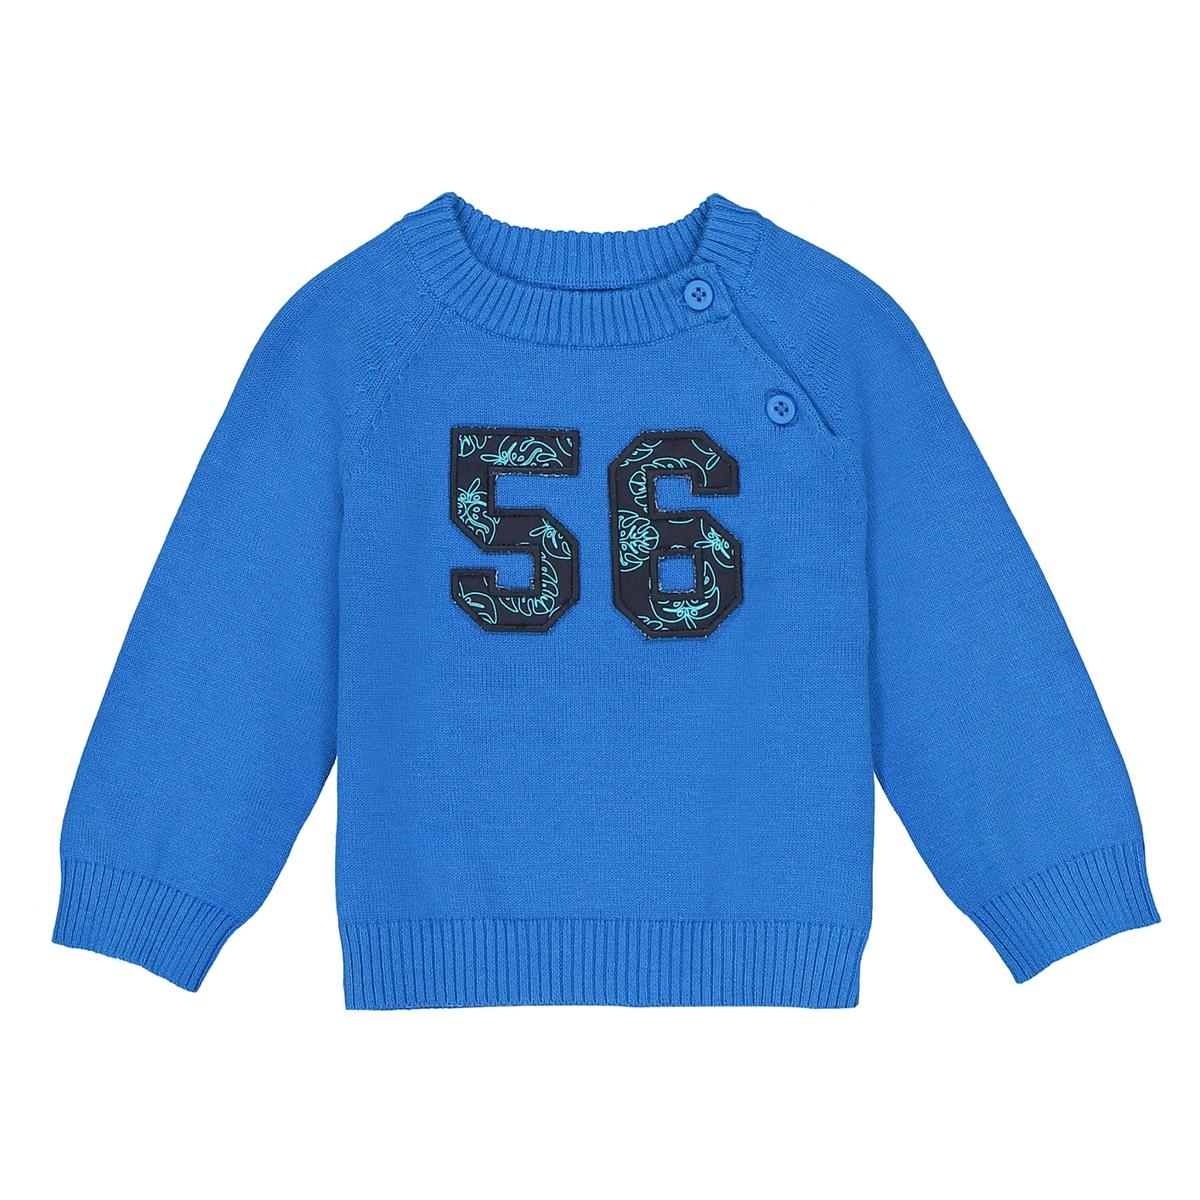 Sweter z okrągłym dekoltem i wzorem z przodu - 1-36 mies.